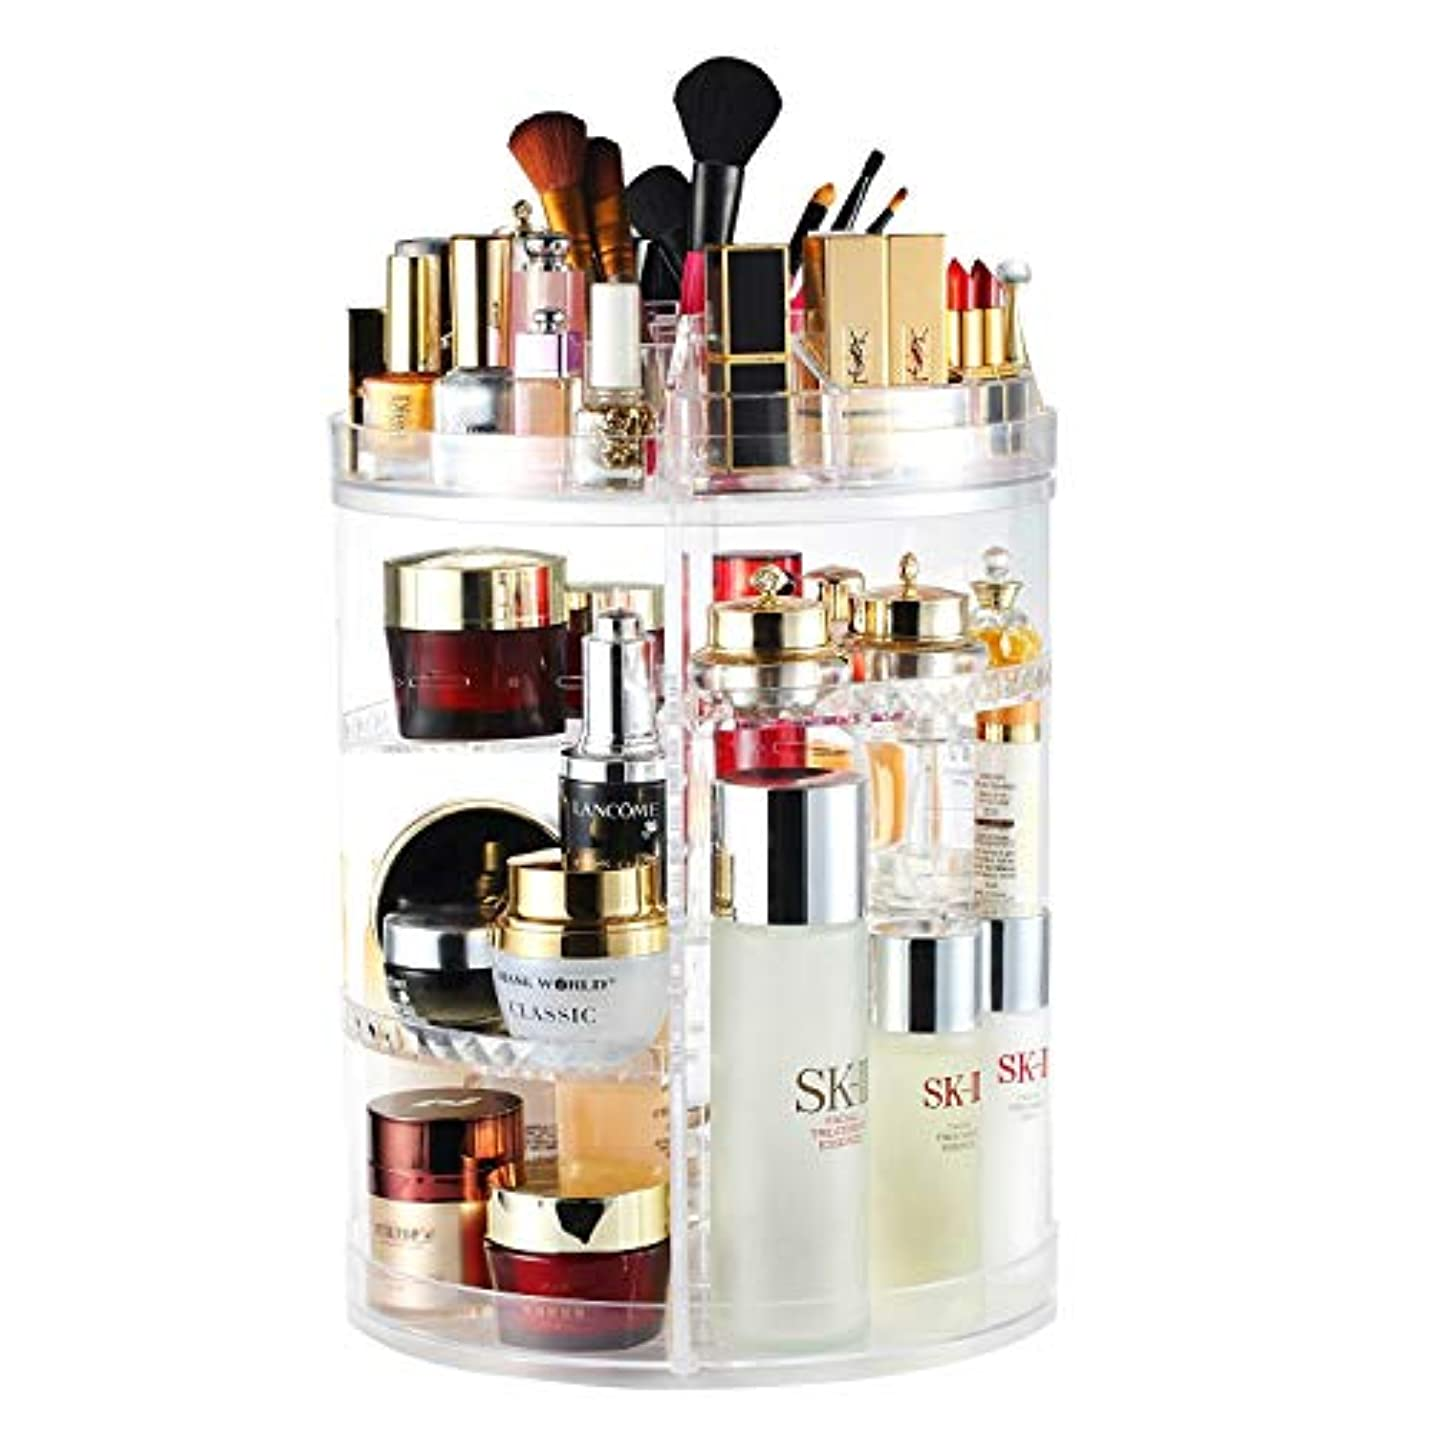 絶えず固める接続された化粧品収納ボックス 大容量 AMEITECH 360度回転 コスメ収納ボックス 引き出し小物/化粧品入れ コスメ収納スタンド レディース メイクケース 透明